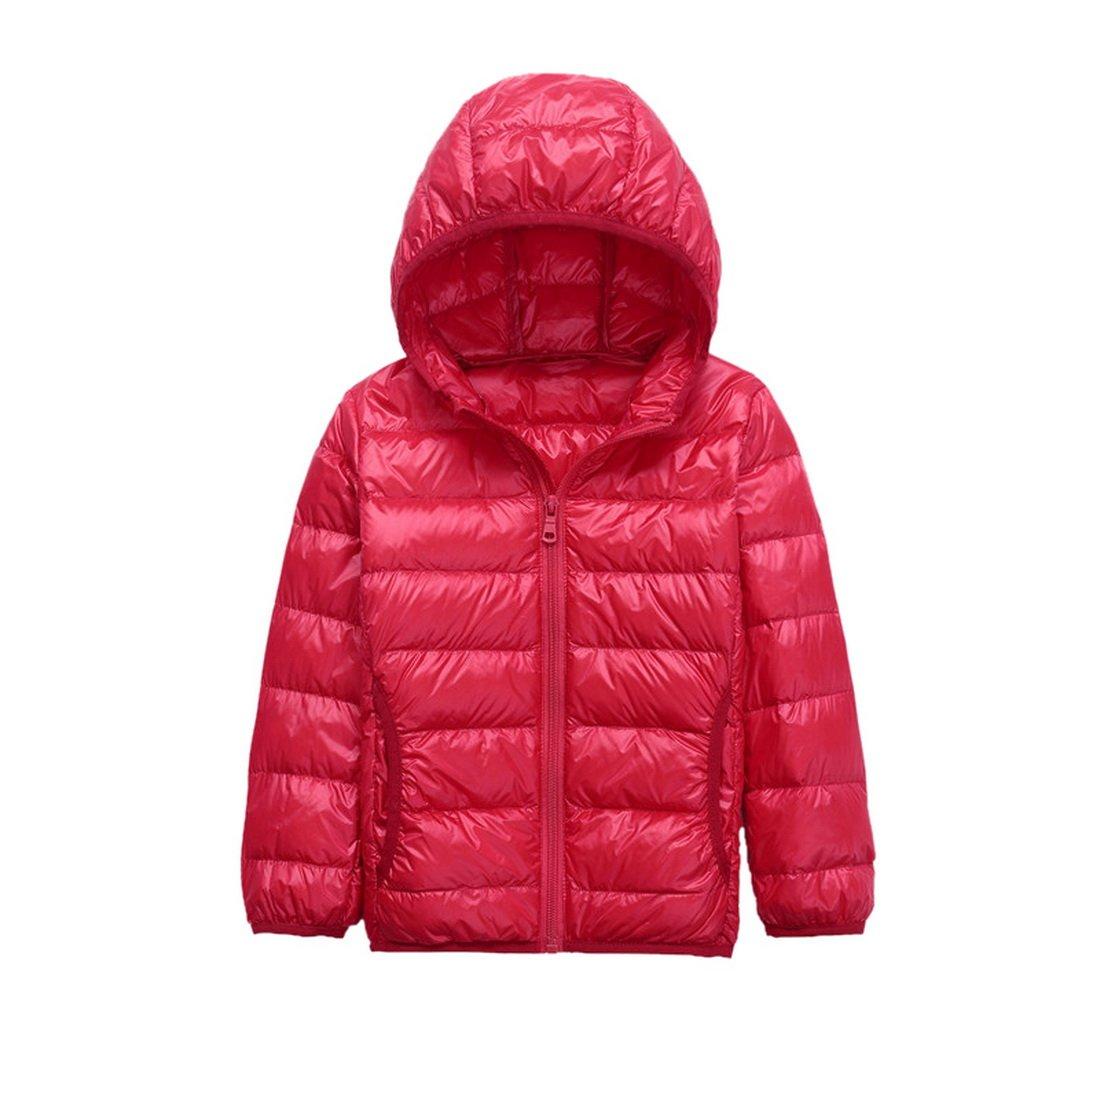 Vertvie Kinder M/ädchen Junge Ultraleichte Wattierte Jacke Steppjacke Daunenmantel mit Kapuze